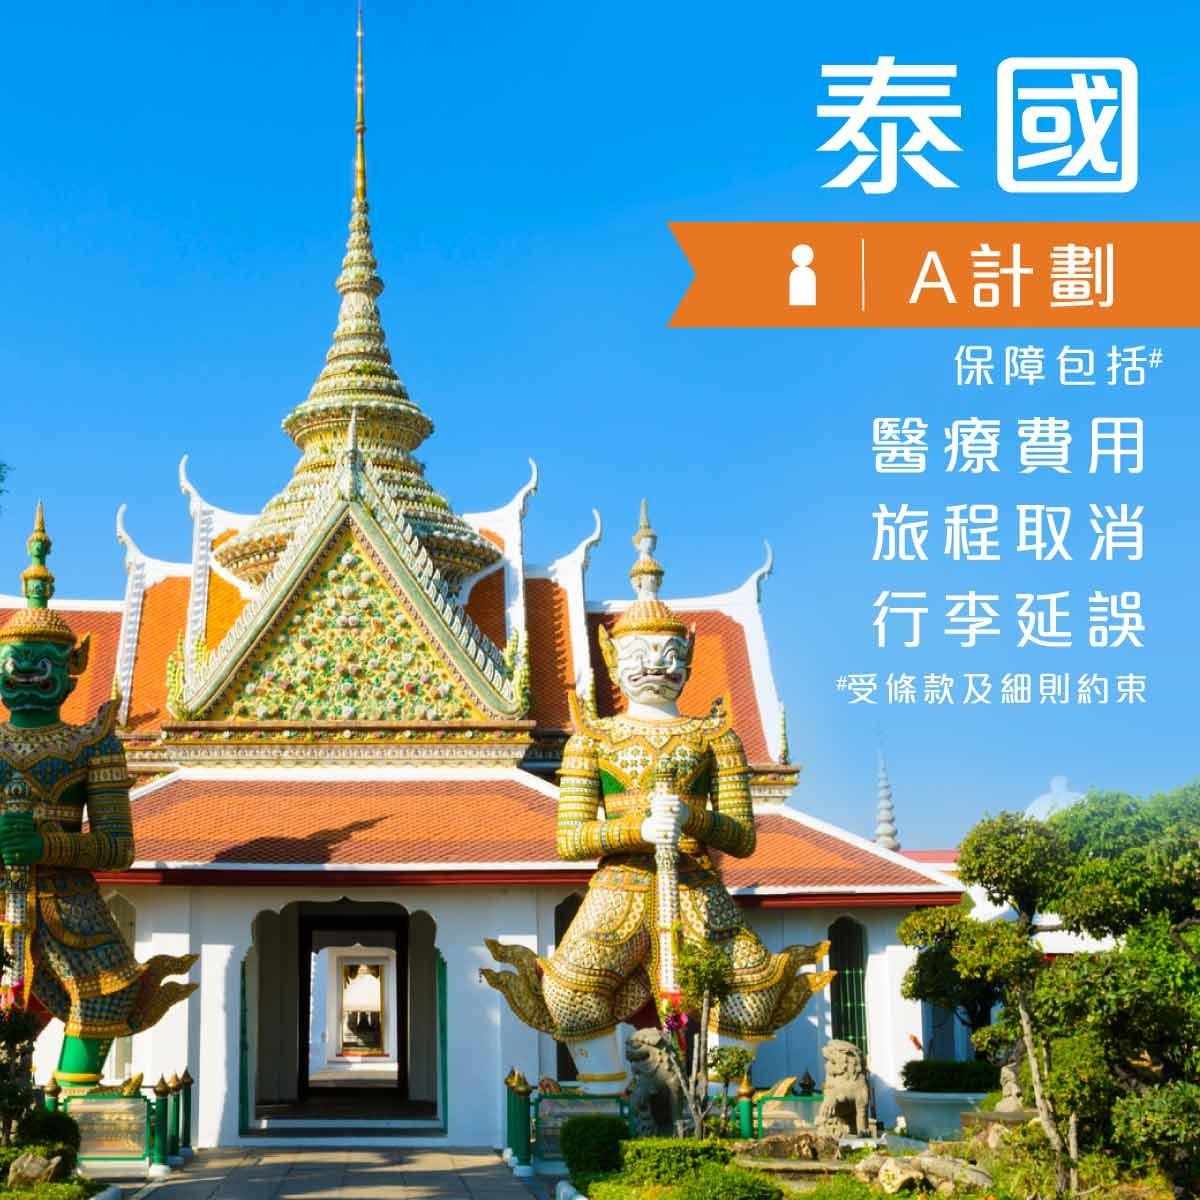 泰國 - 單次個人旅遊保險 (只限成人)